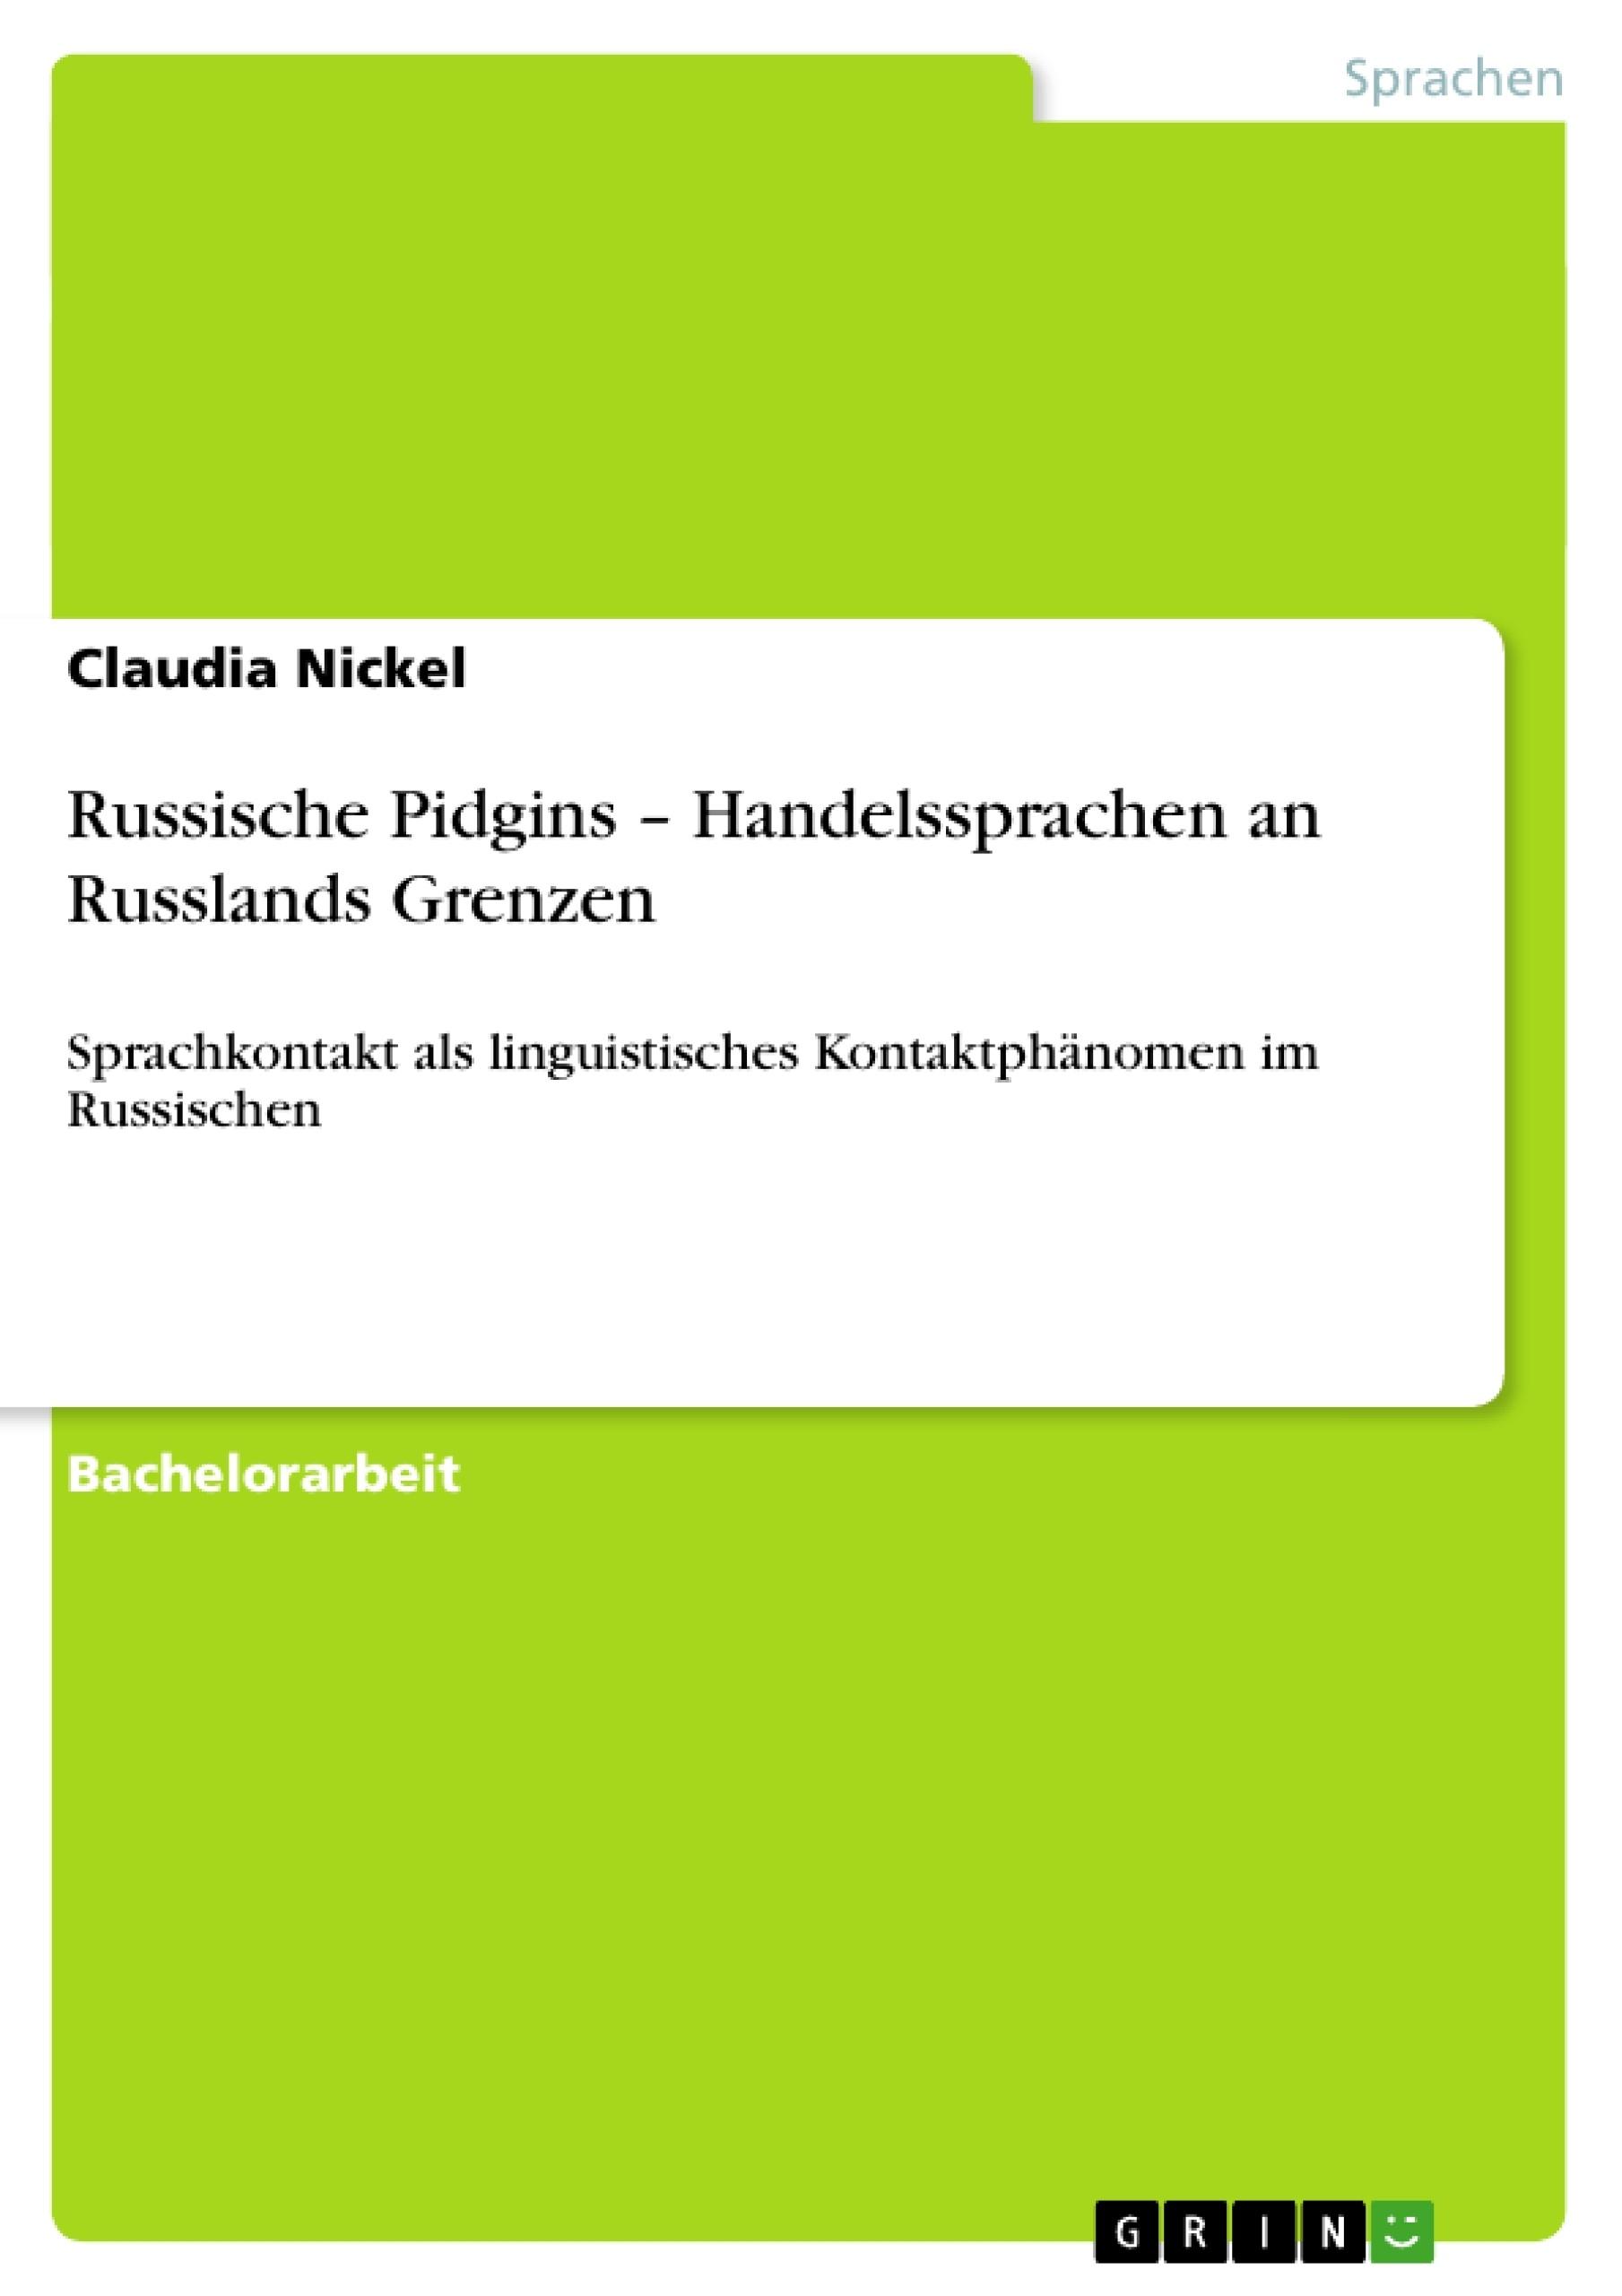 Titel: Russische Pidgins – Handelssprachen an Russlands Grenzen